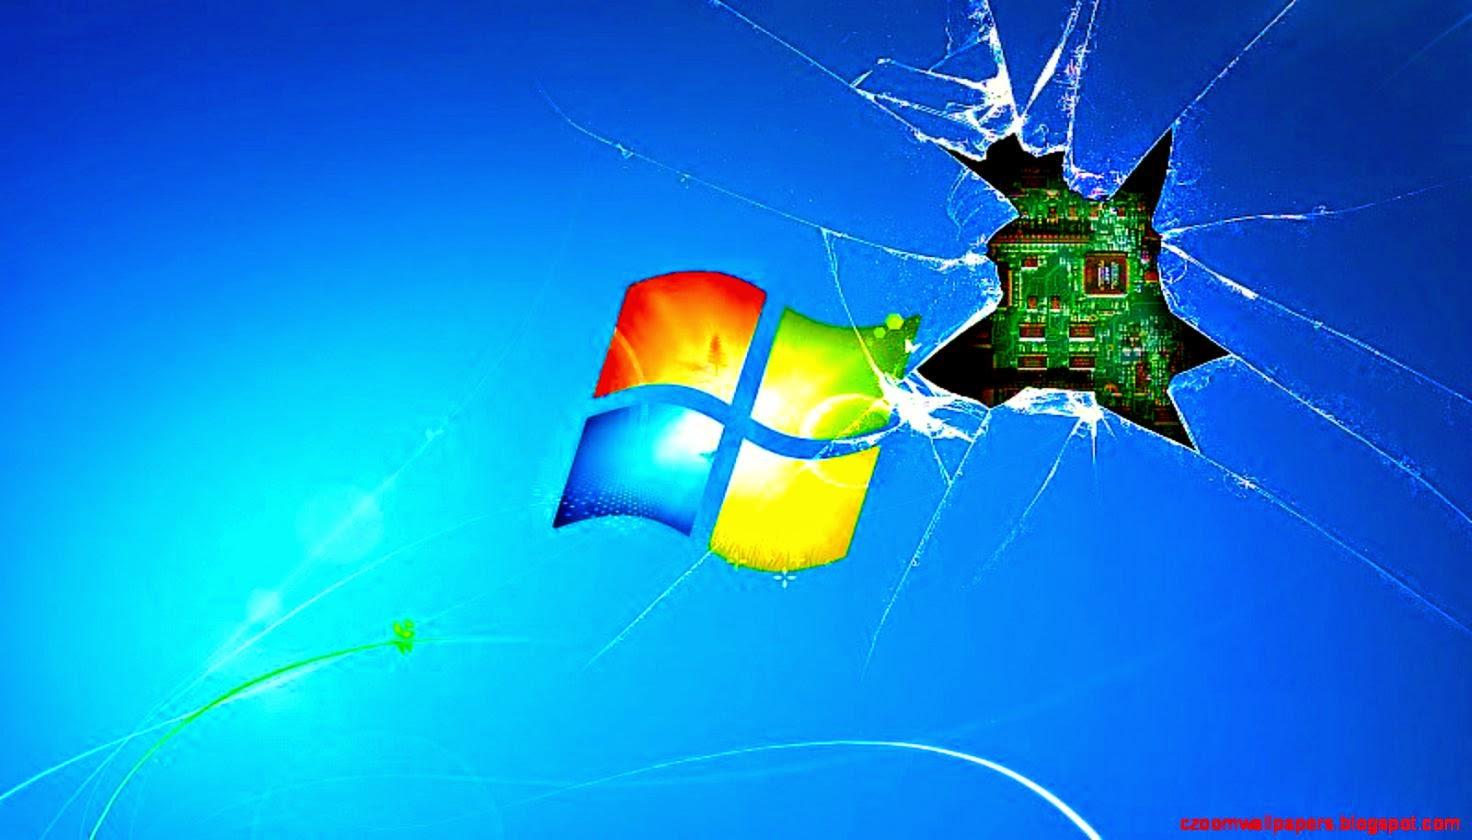 Broken Window Wallpapers - Full HD wallpaper search